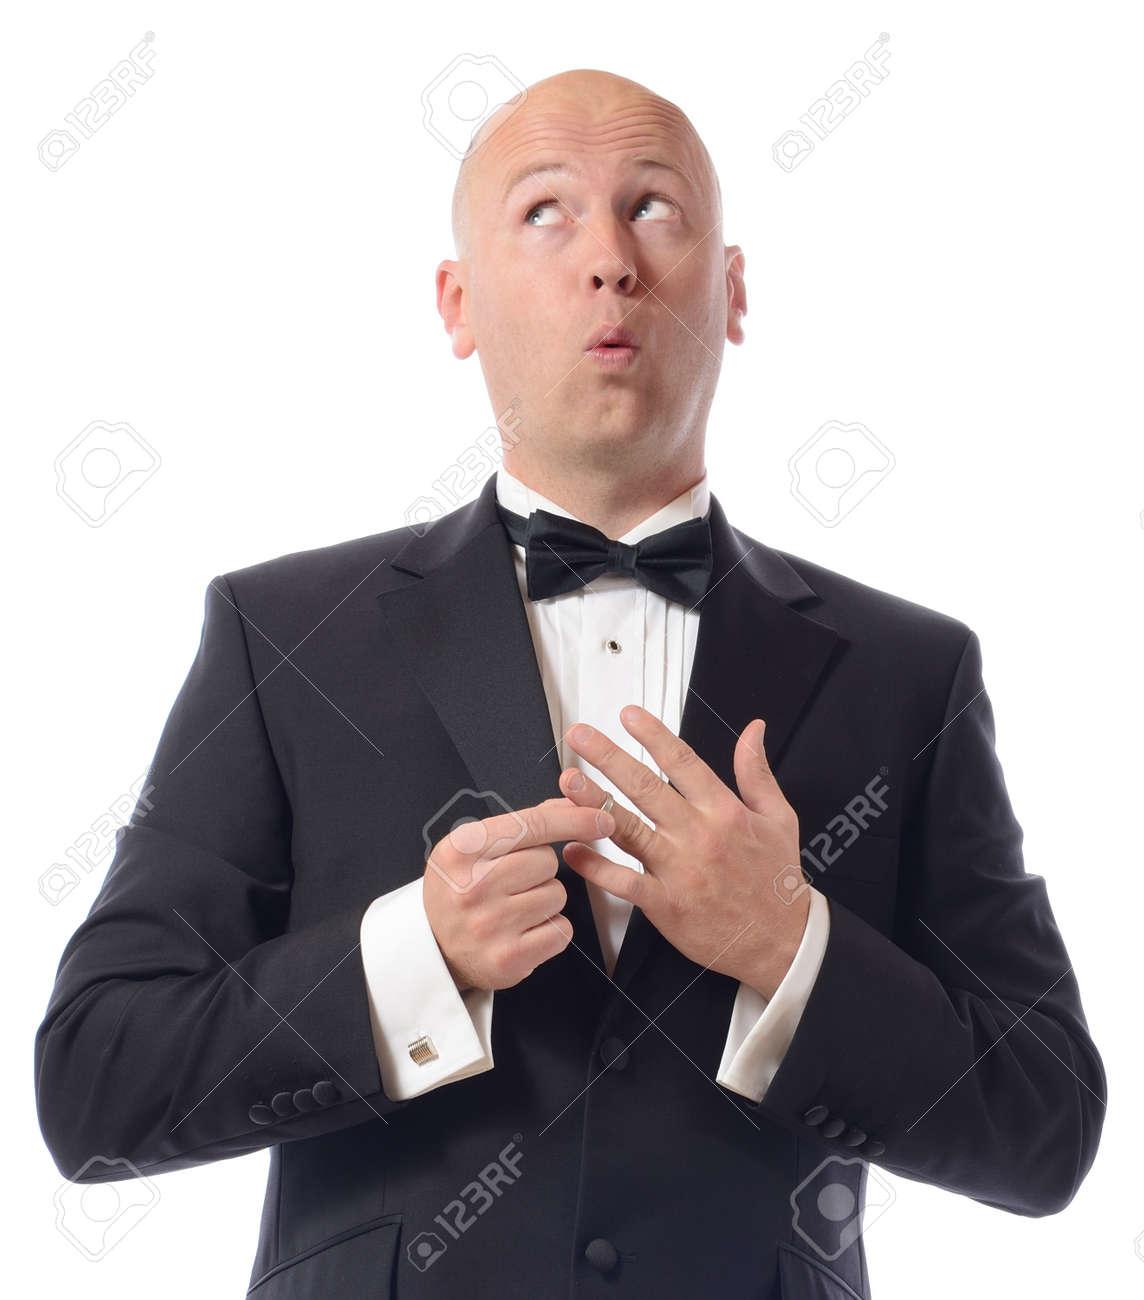 verheirateter weißer Mann